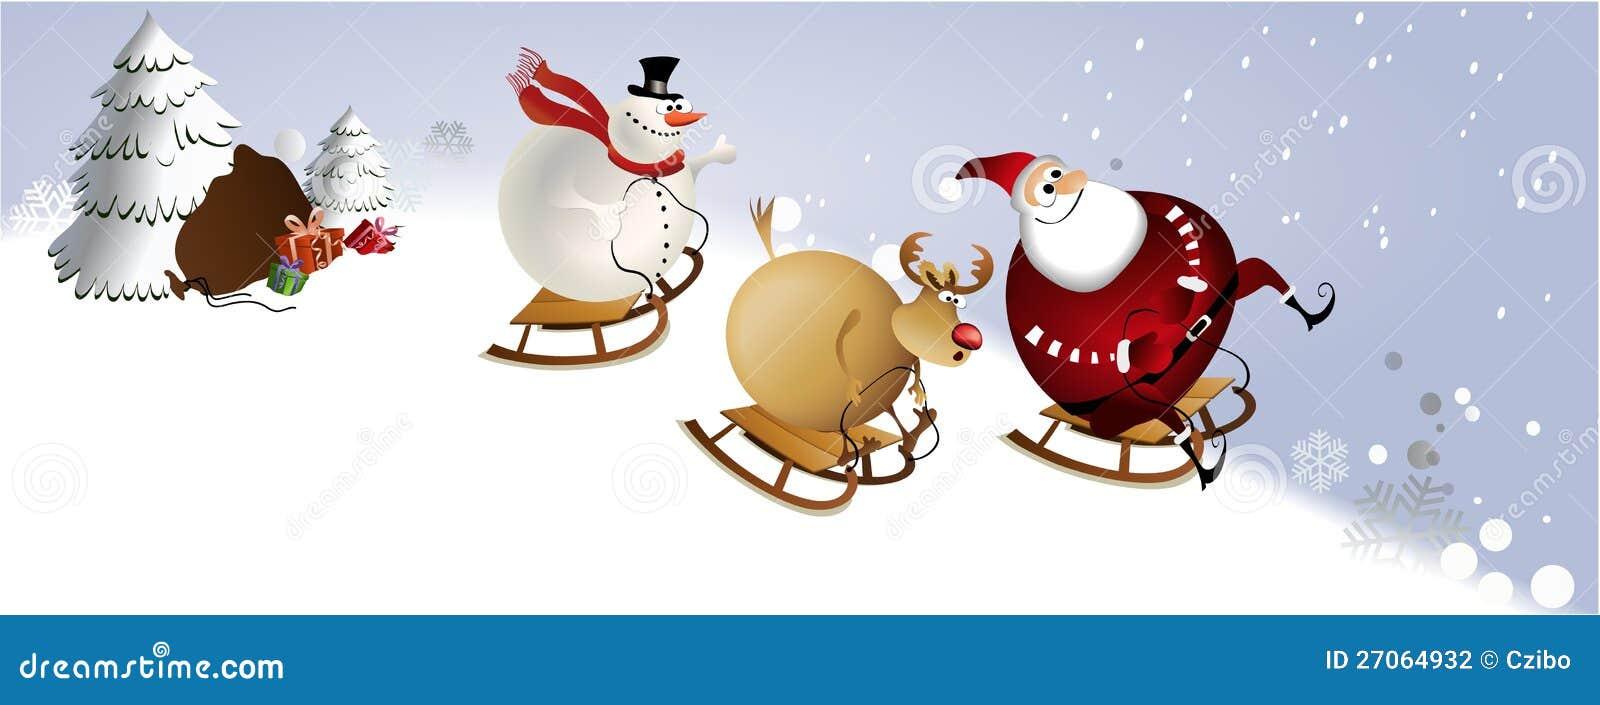 Santa claus enjoying his christmas presents